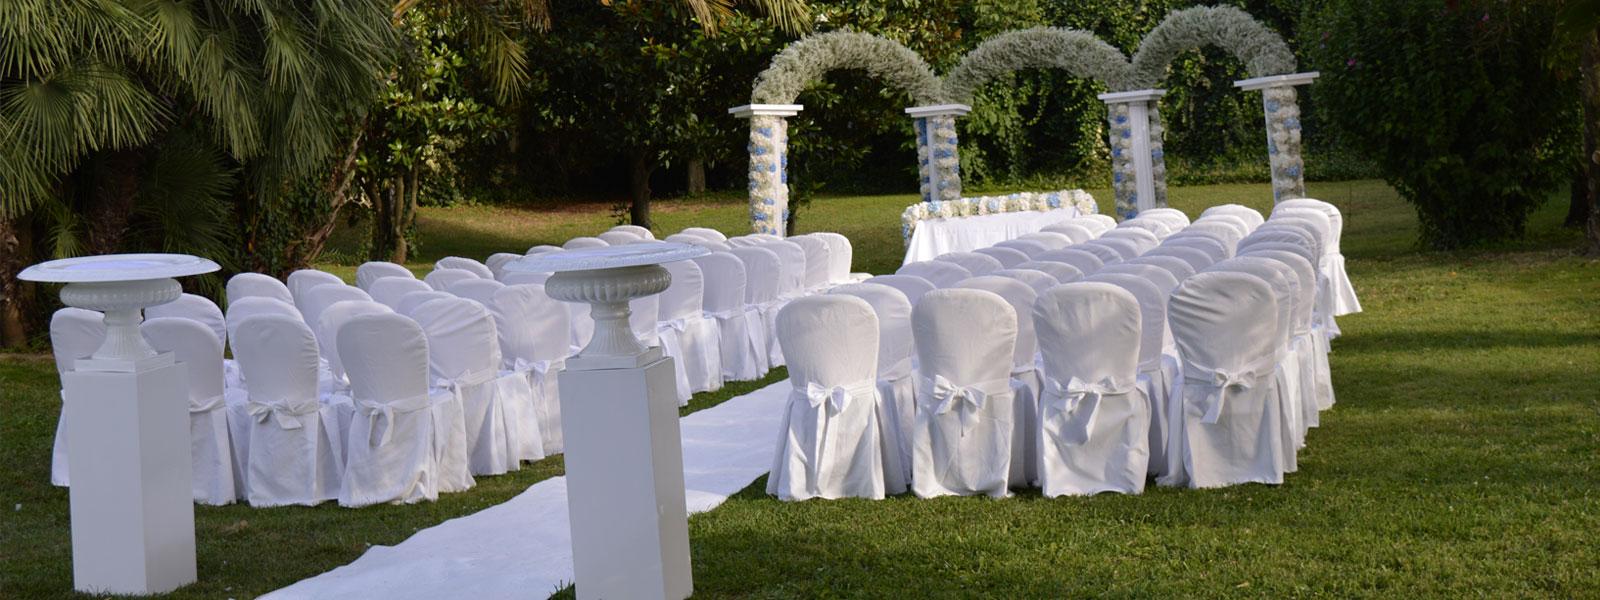 Un prato con delle sedie con copri sedie di color bianco un tappeto bianco e un tavolo con decorazioni con dei fiori